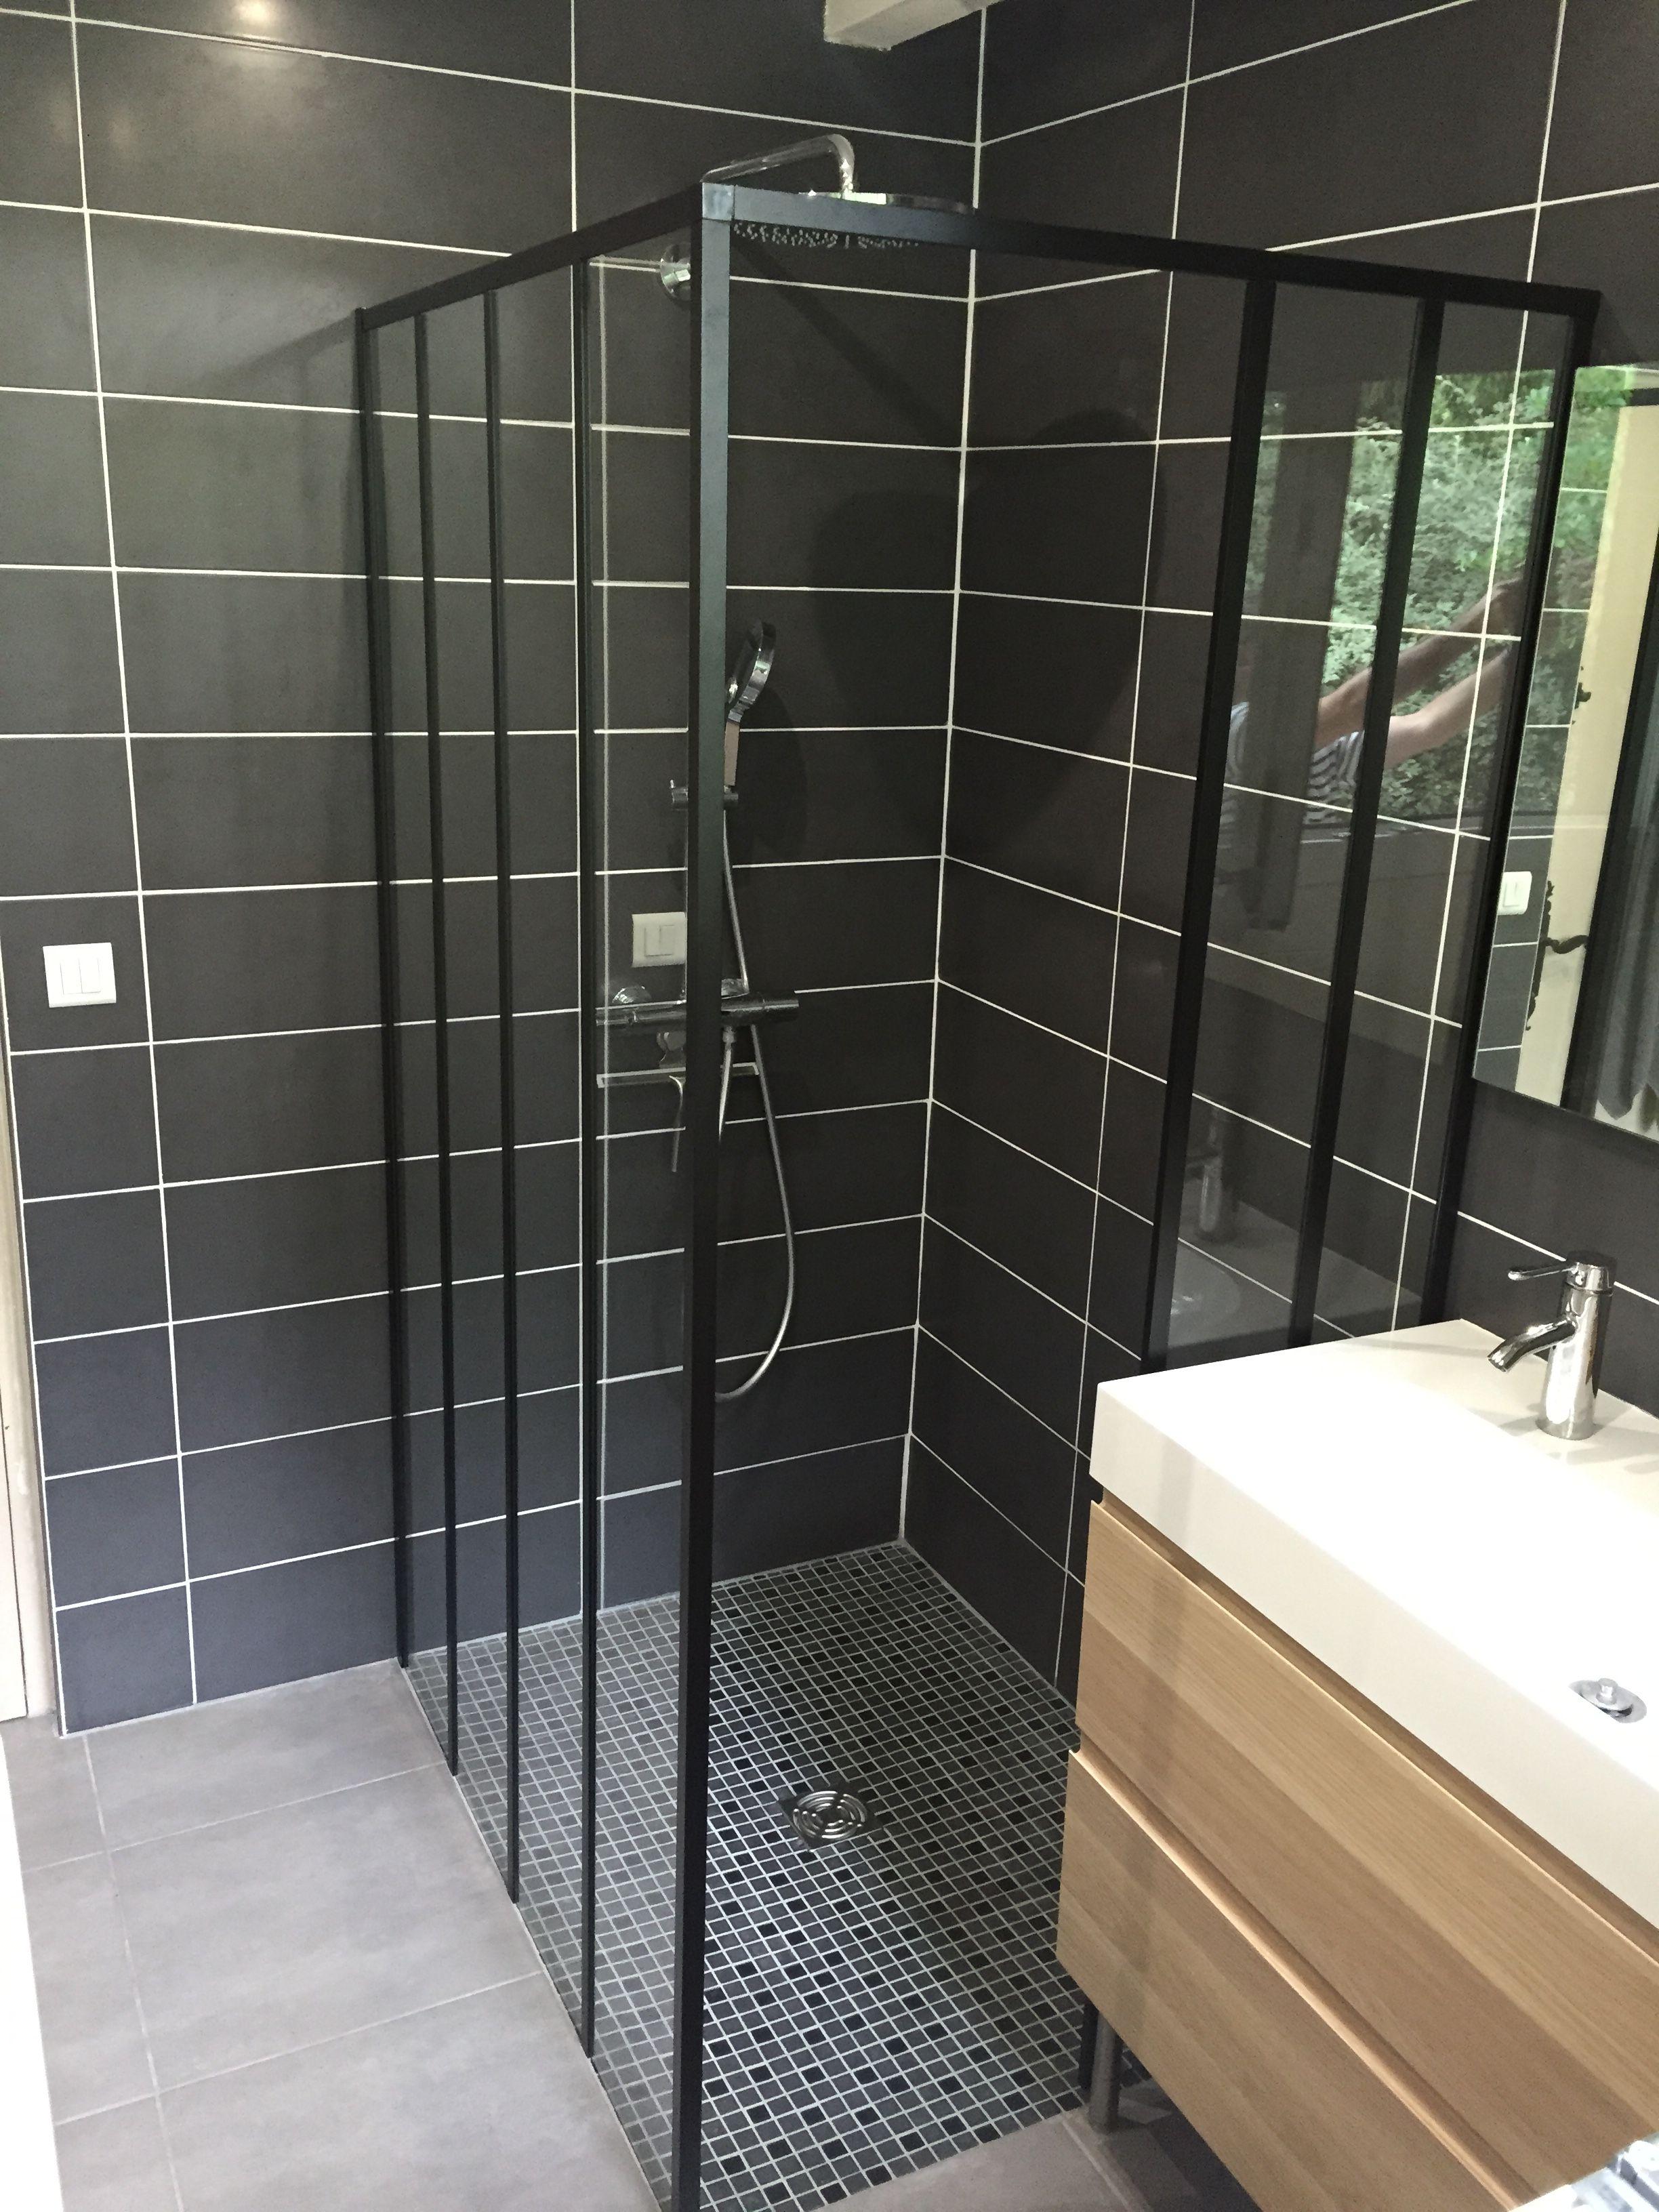 douche a l italienne avec installation d une paroi de douche style industriel zenne de chez castorama et faience anthracite blanche et grise